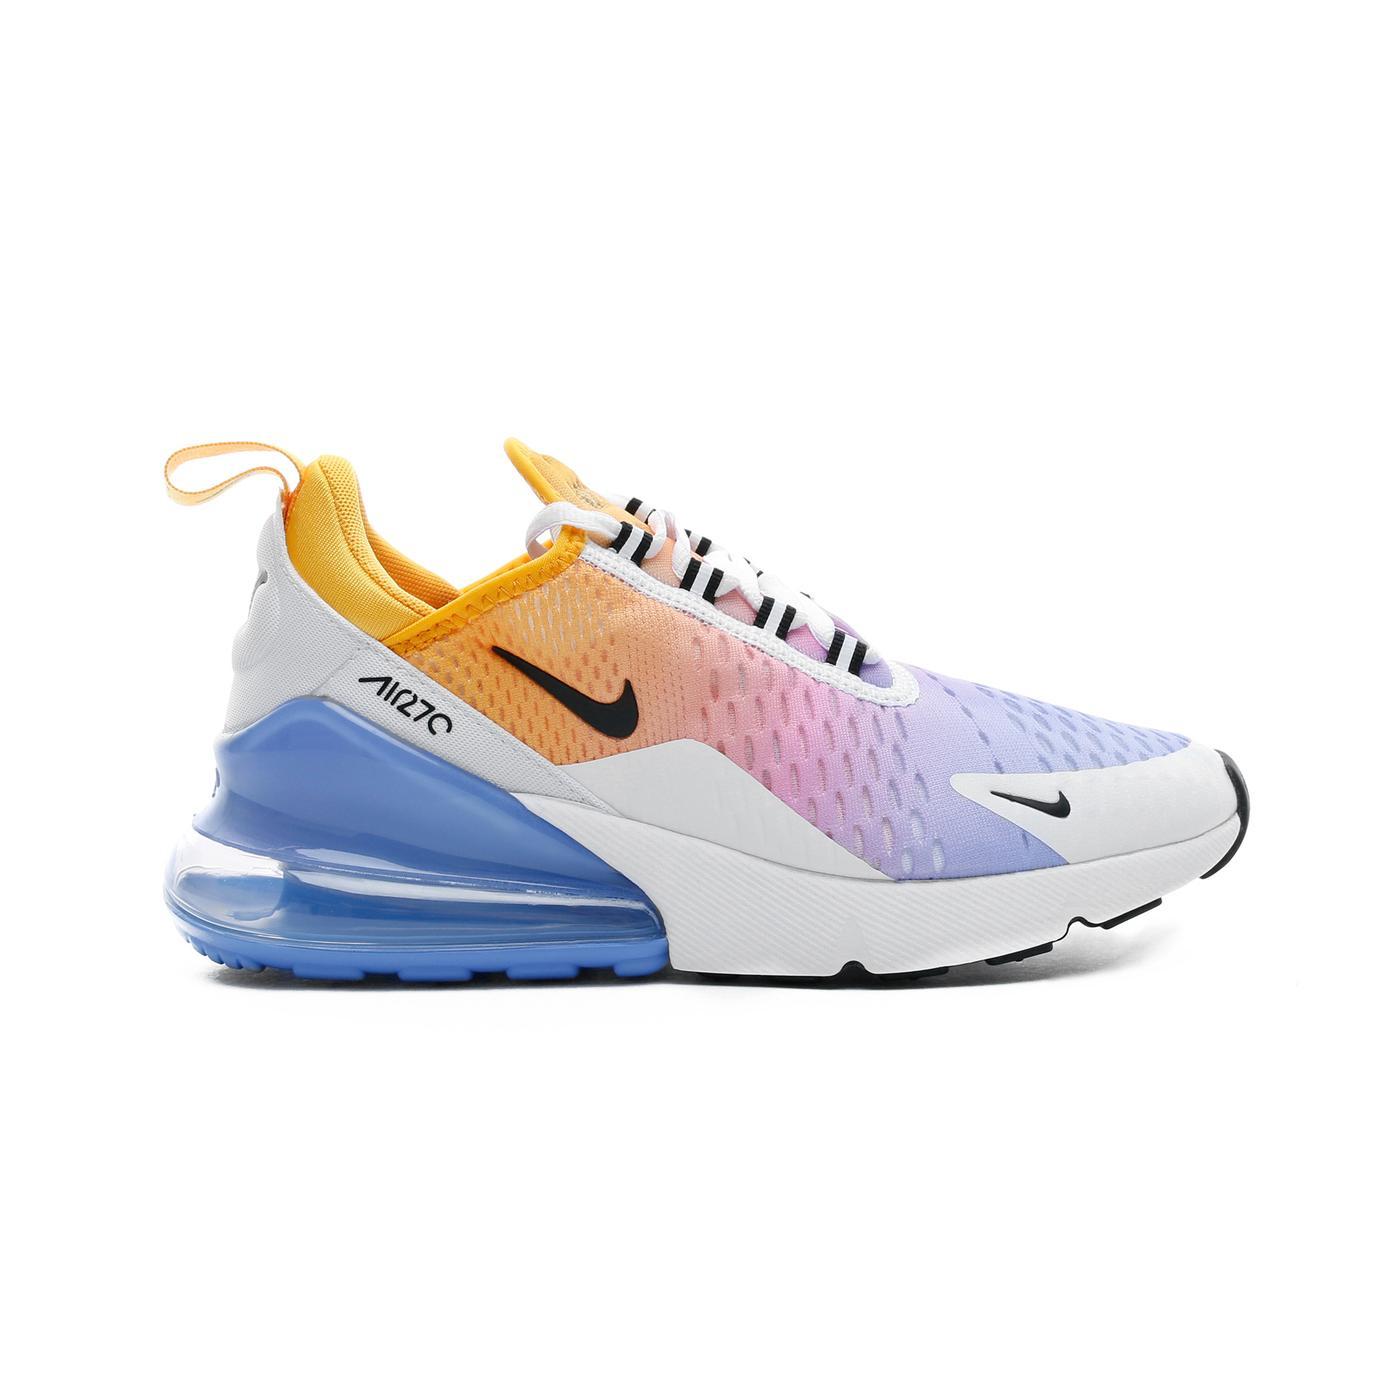 Nike Air Max 270 Sarı - Mavi Erkek Spor Ayakkabı